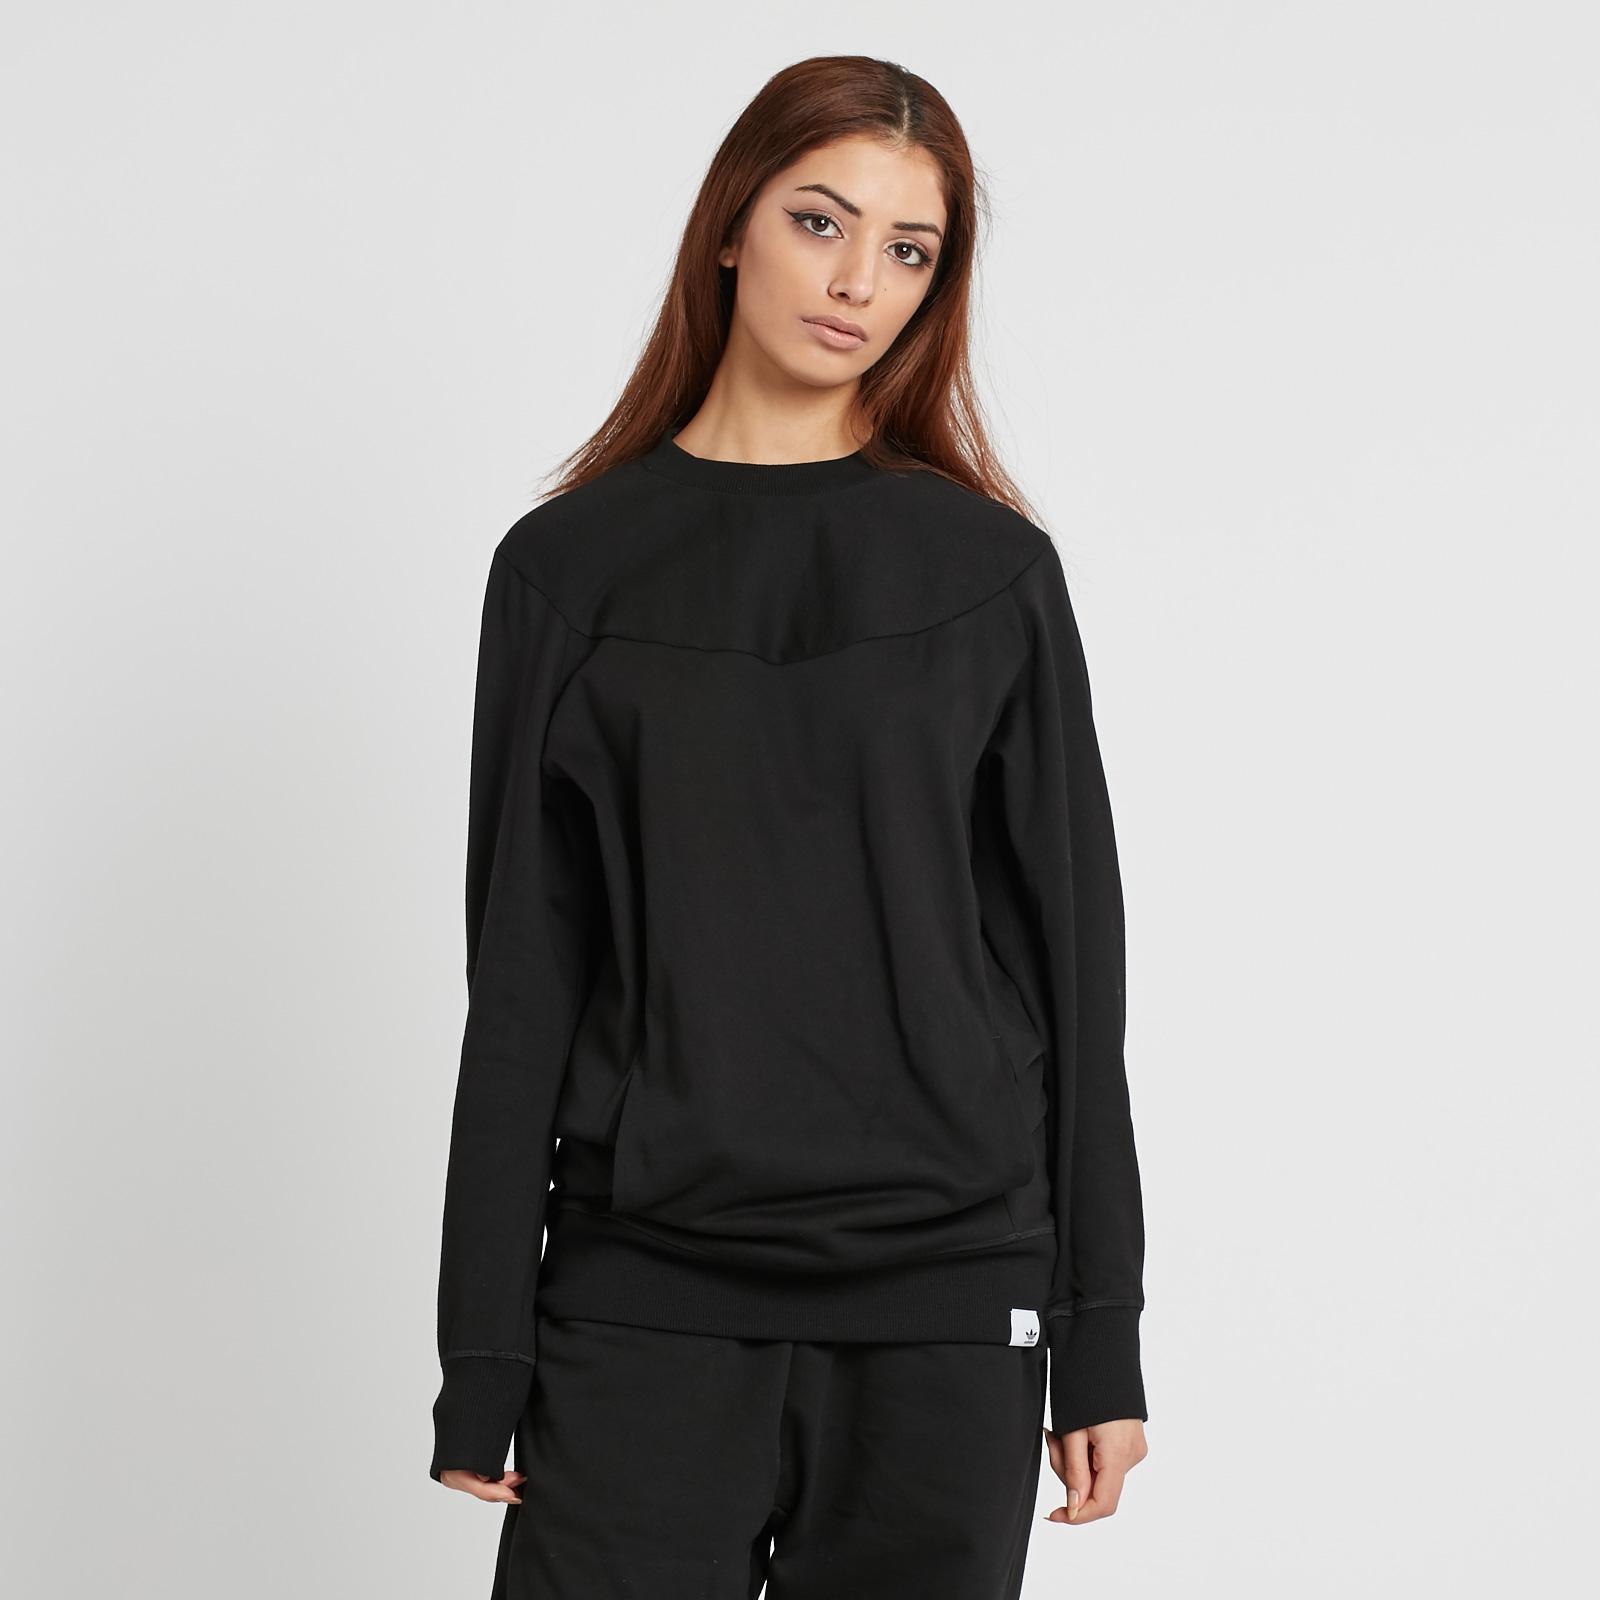 adidas Xbyo Sweatshirt Bk2301 Sneakersnstuff I Sneakers